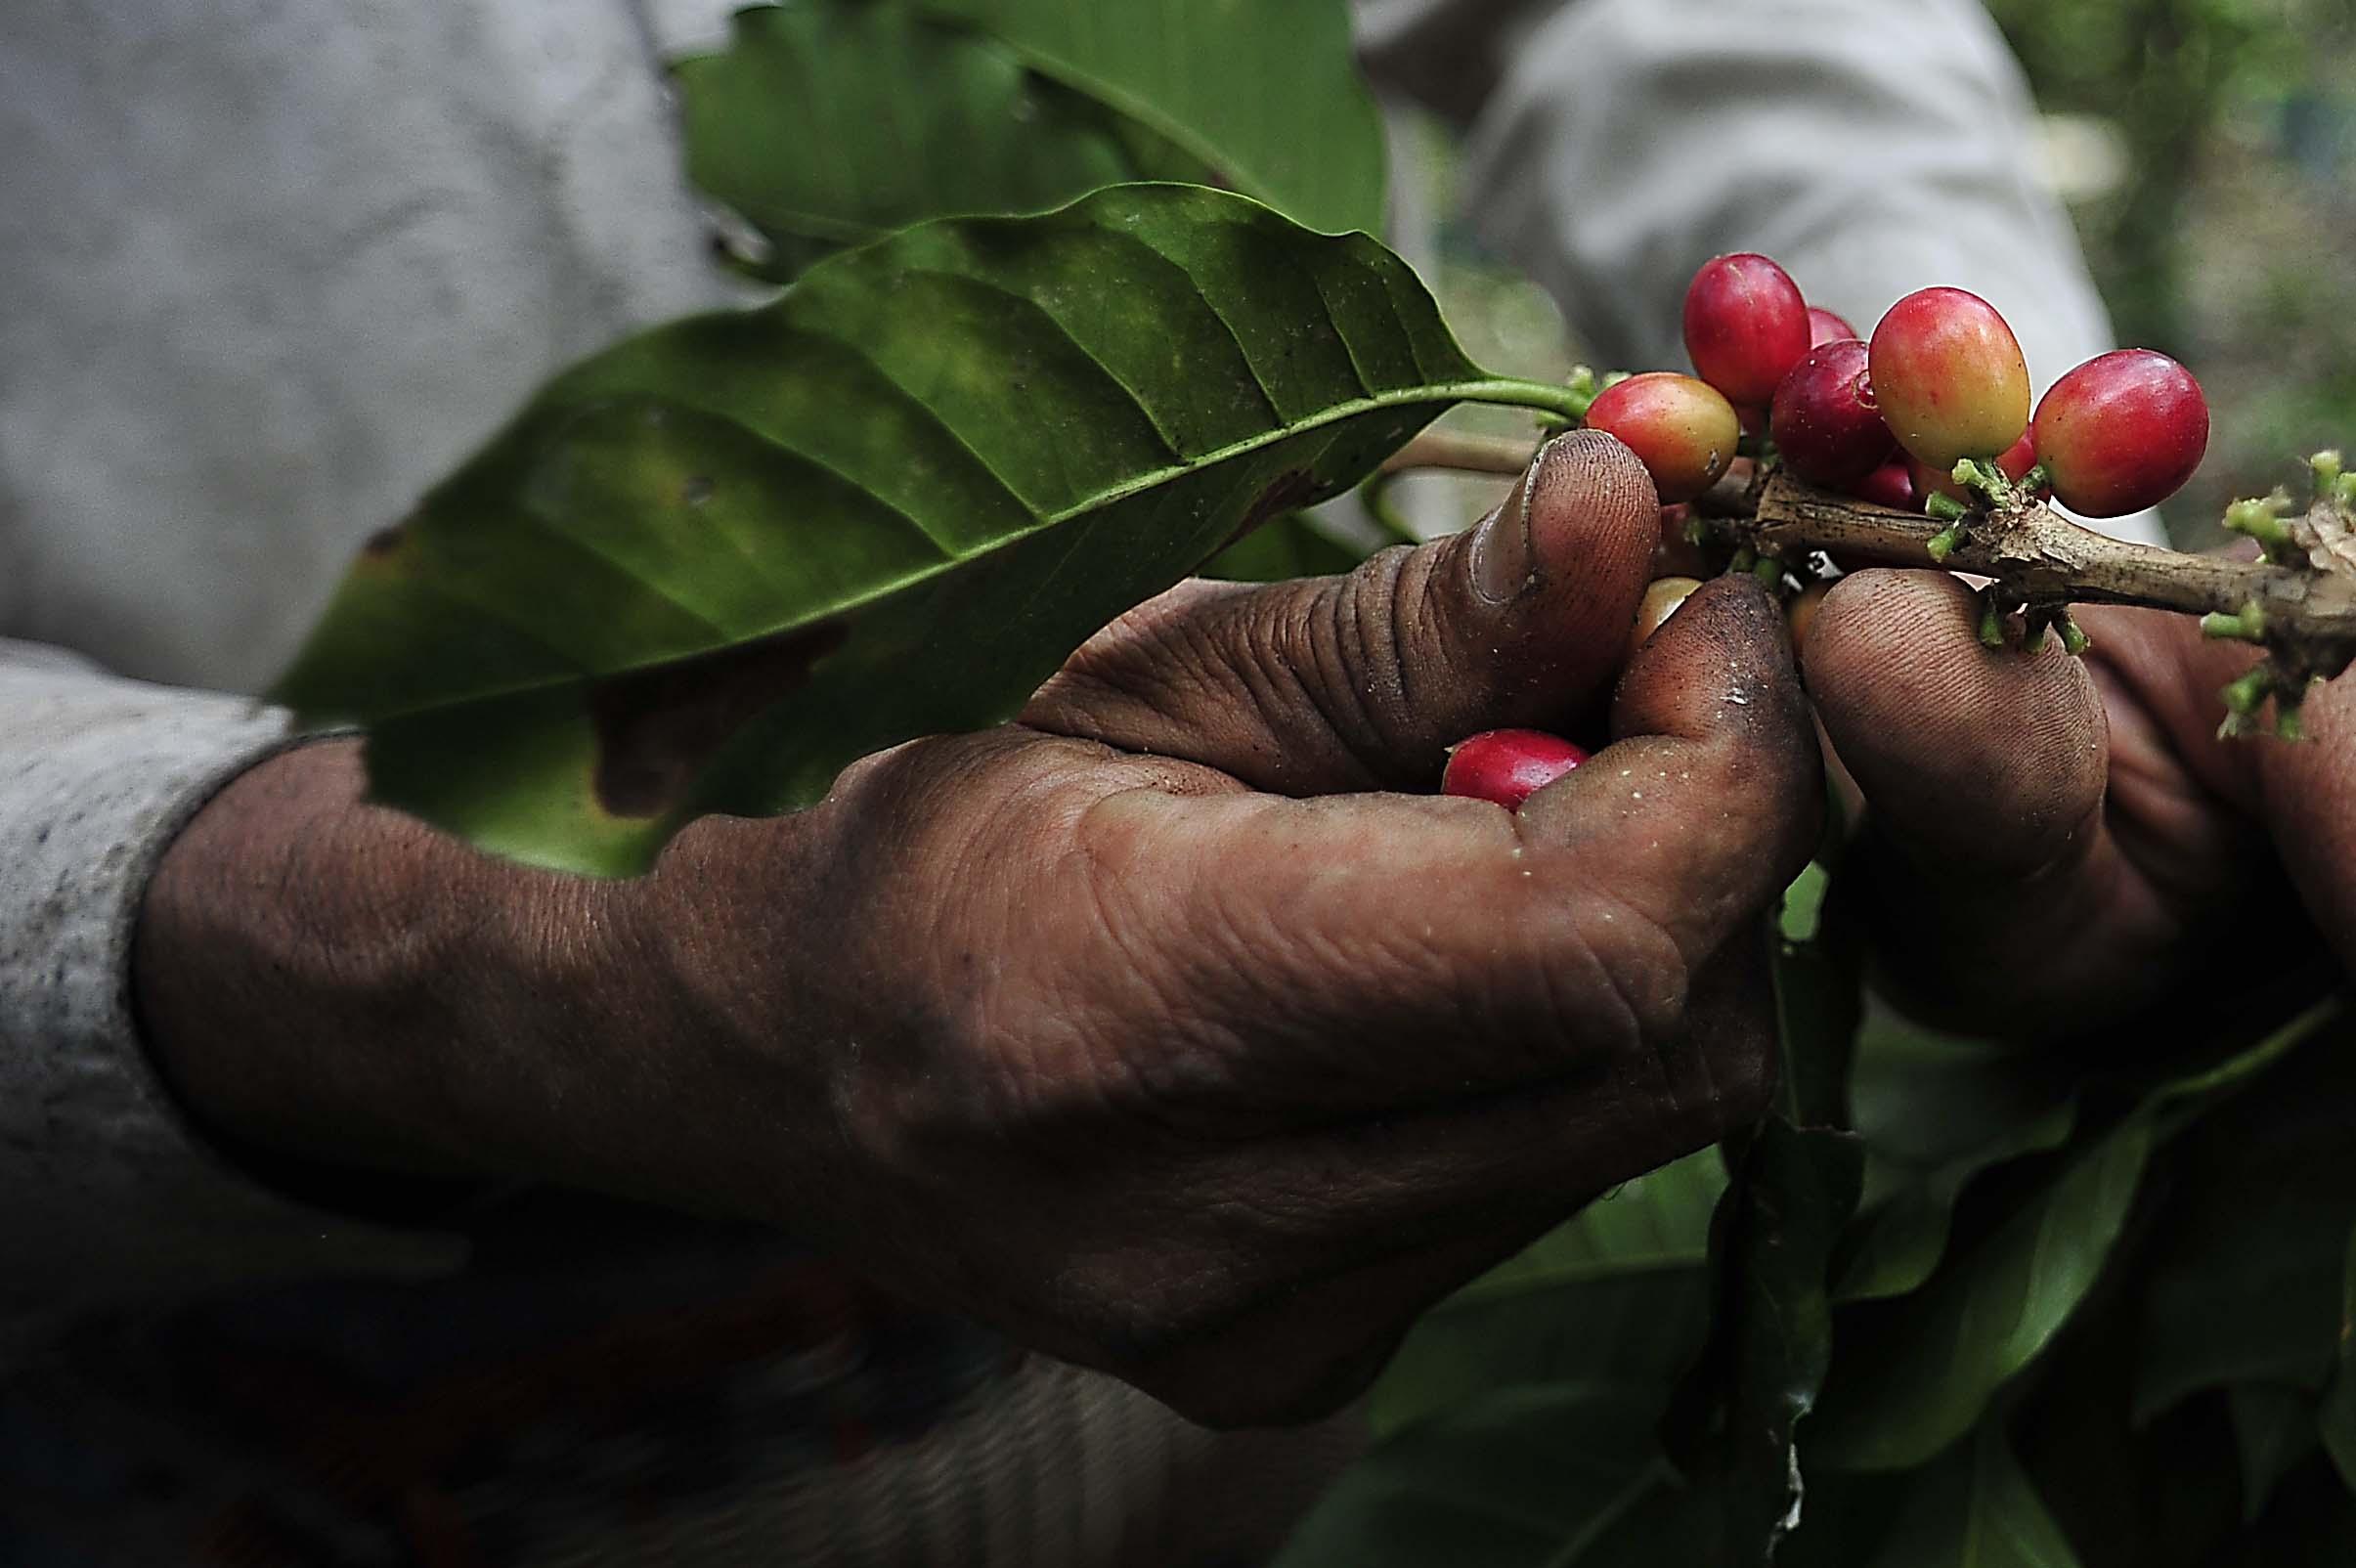 Importación de café de contrabando desploma precios del aromático